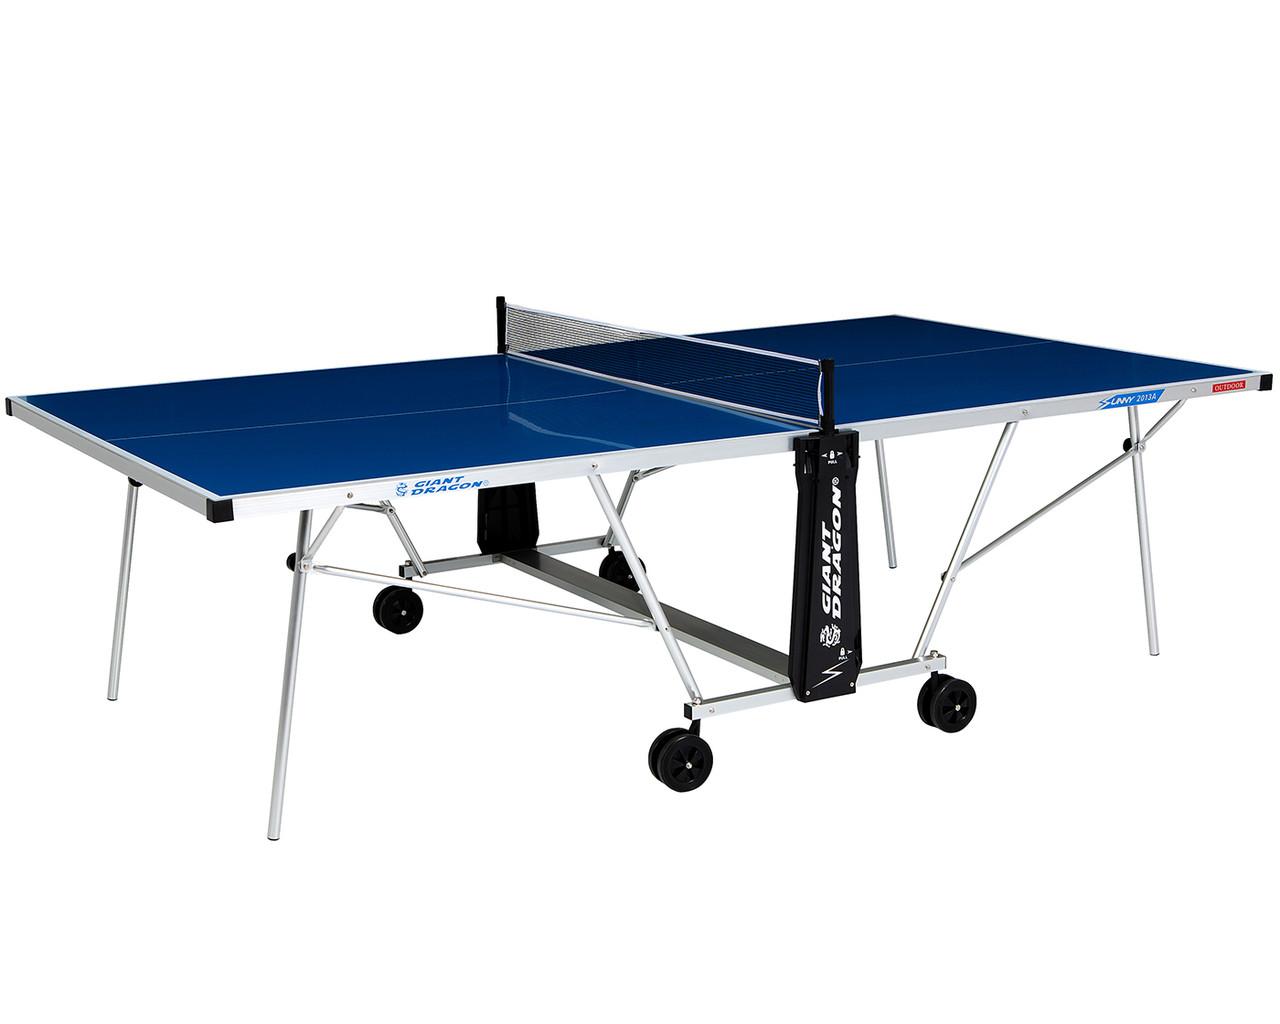 Теннисный стол всепогодный Giant Dragon Sunny 2013A, гарантия 2 года